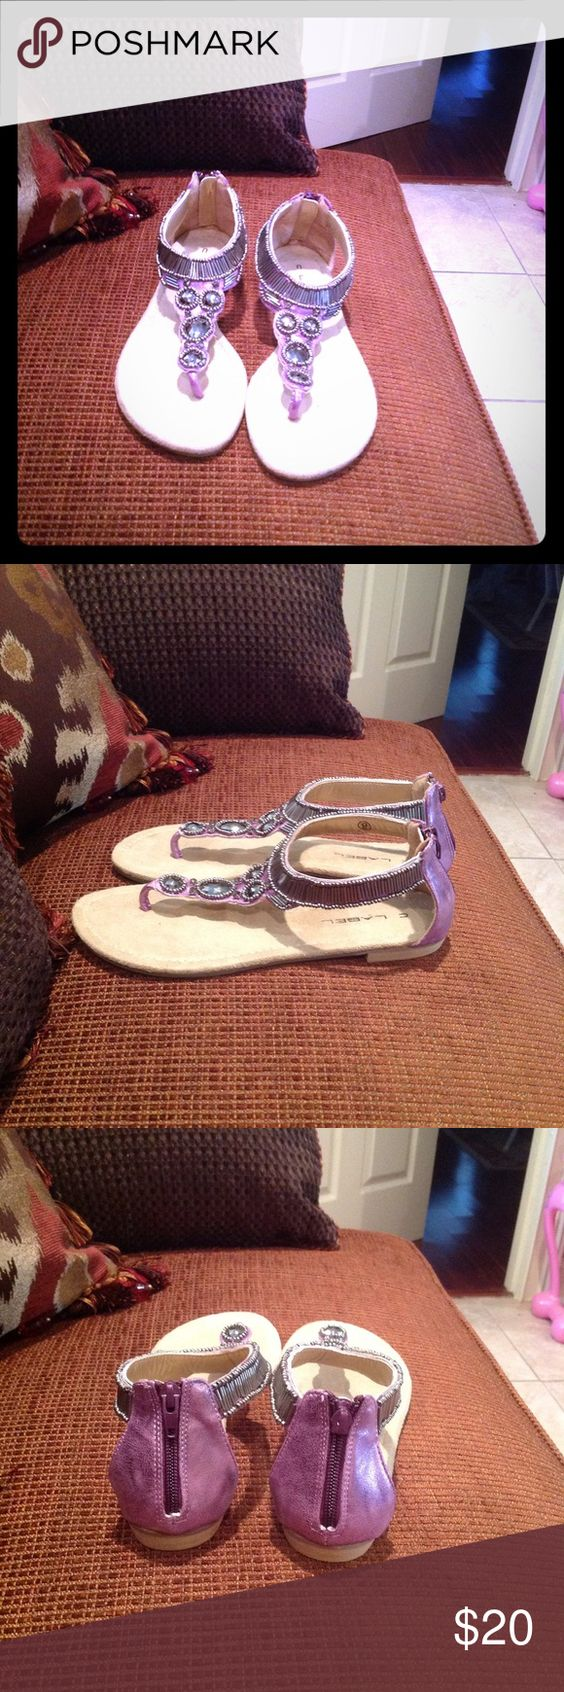 Lavender sandals shoes - Lavender Flats Cute Lavender Flat Sandals With Silver Detailing C Label Shoes Sandals